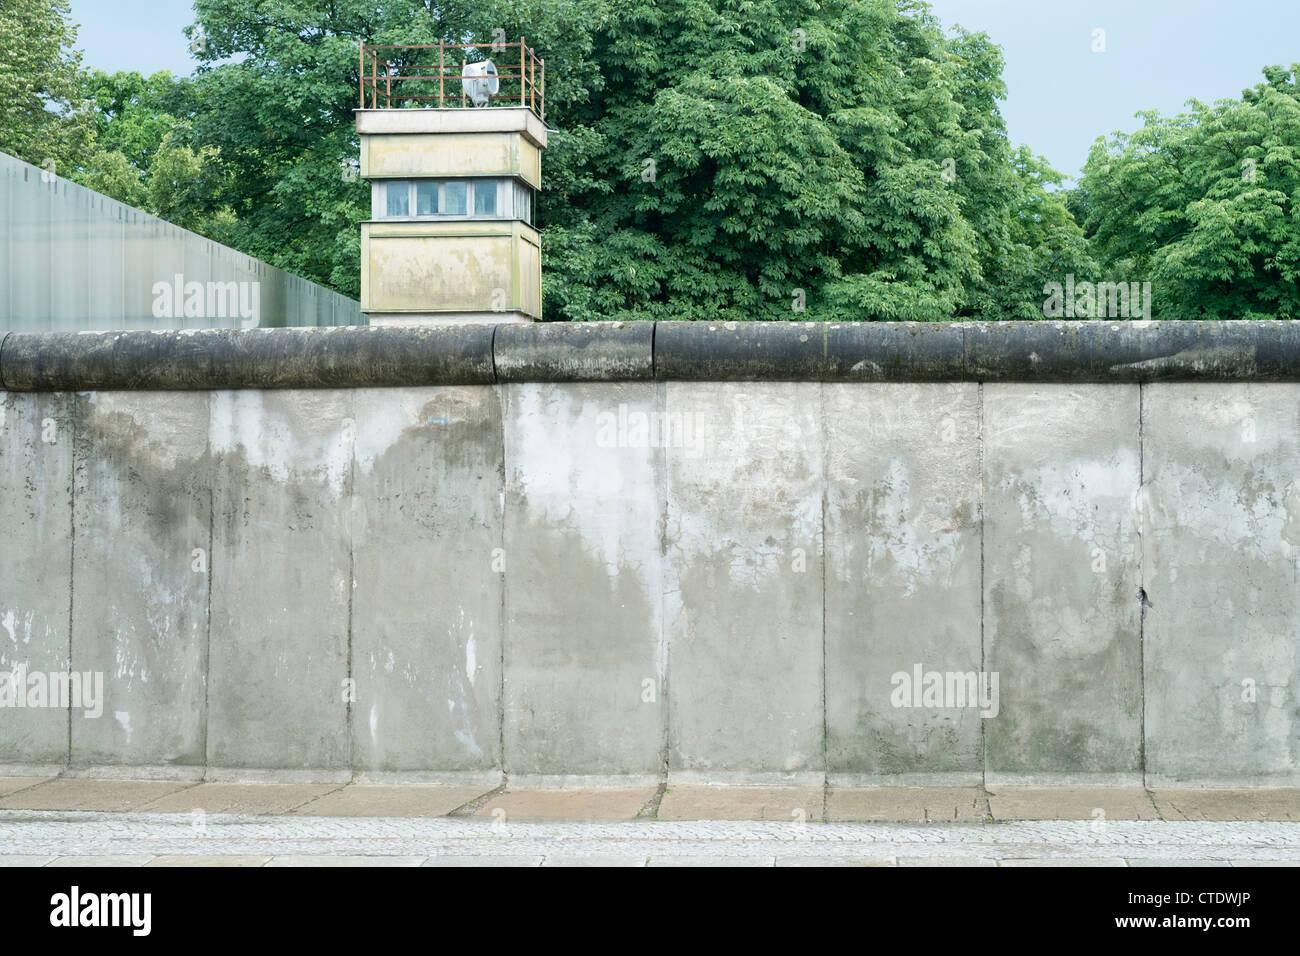 La sección original de muro de Berlín en Bernauer Strasse, en Berlín, Alemania Imagen De Stock